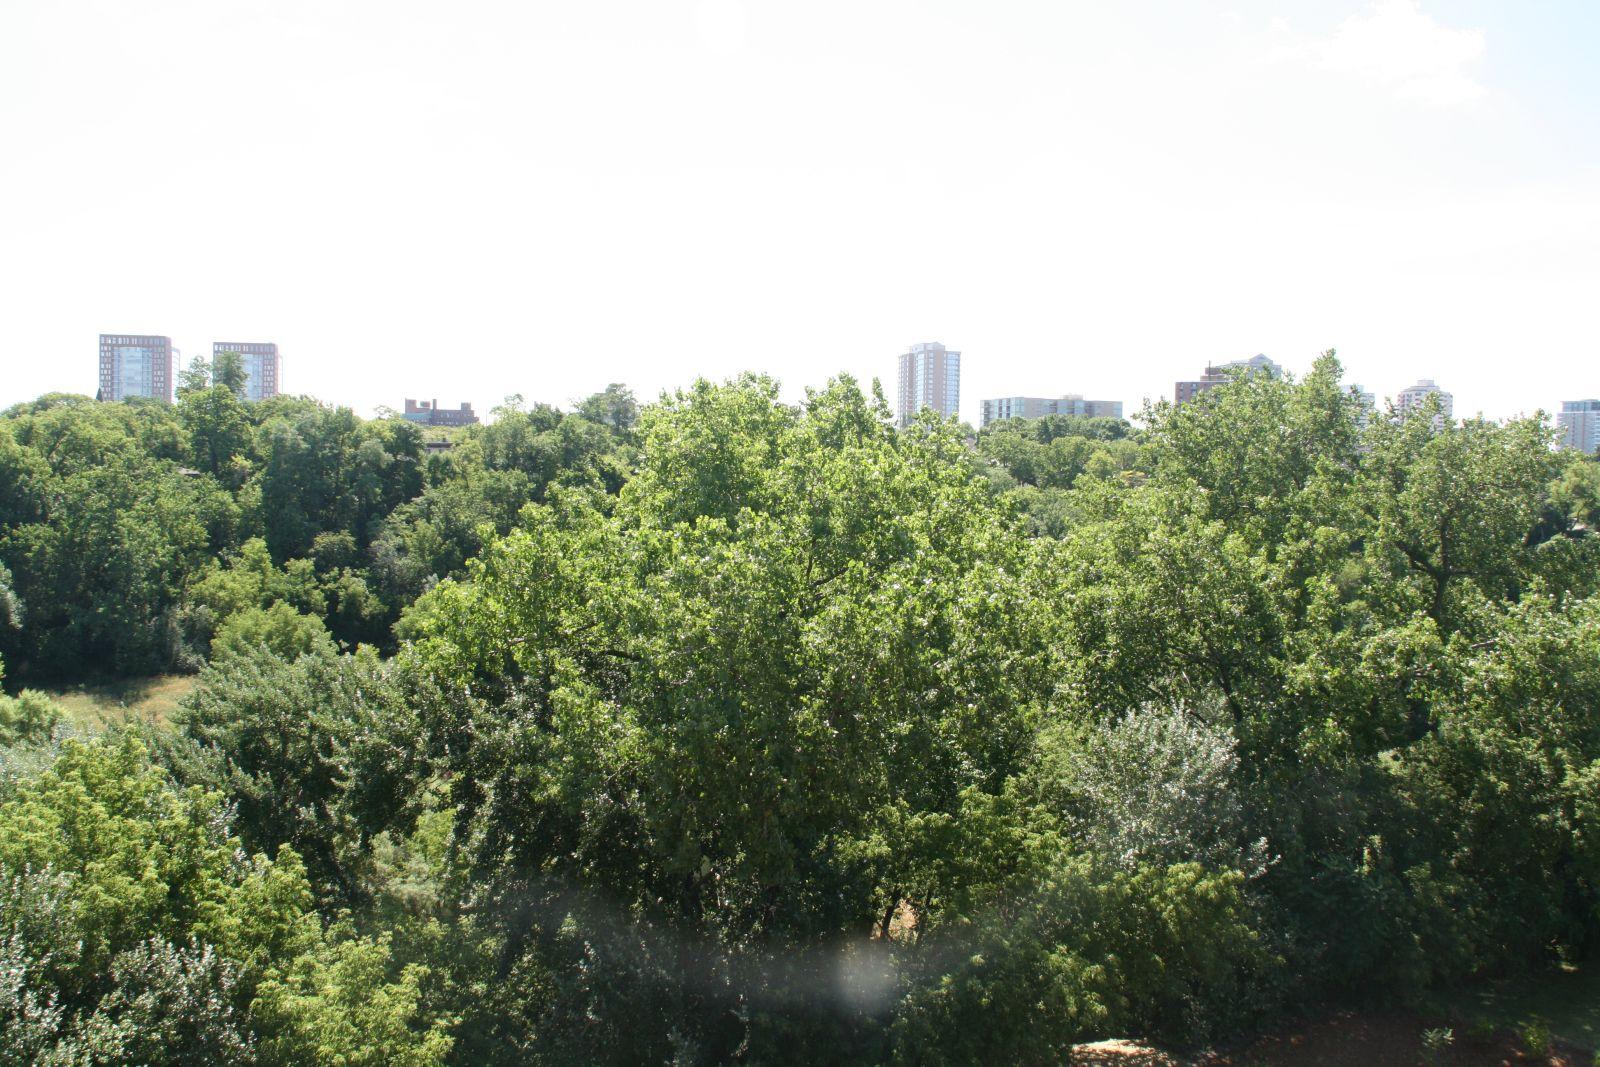 Southeastern View